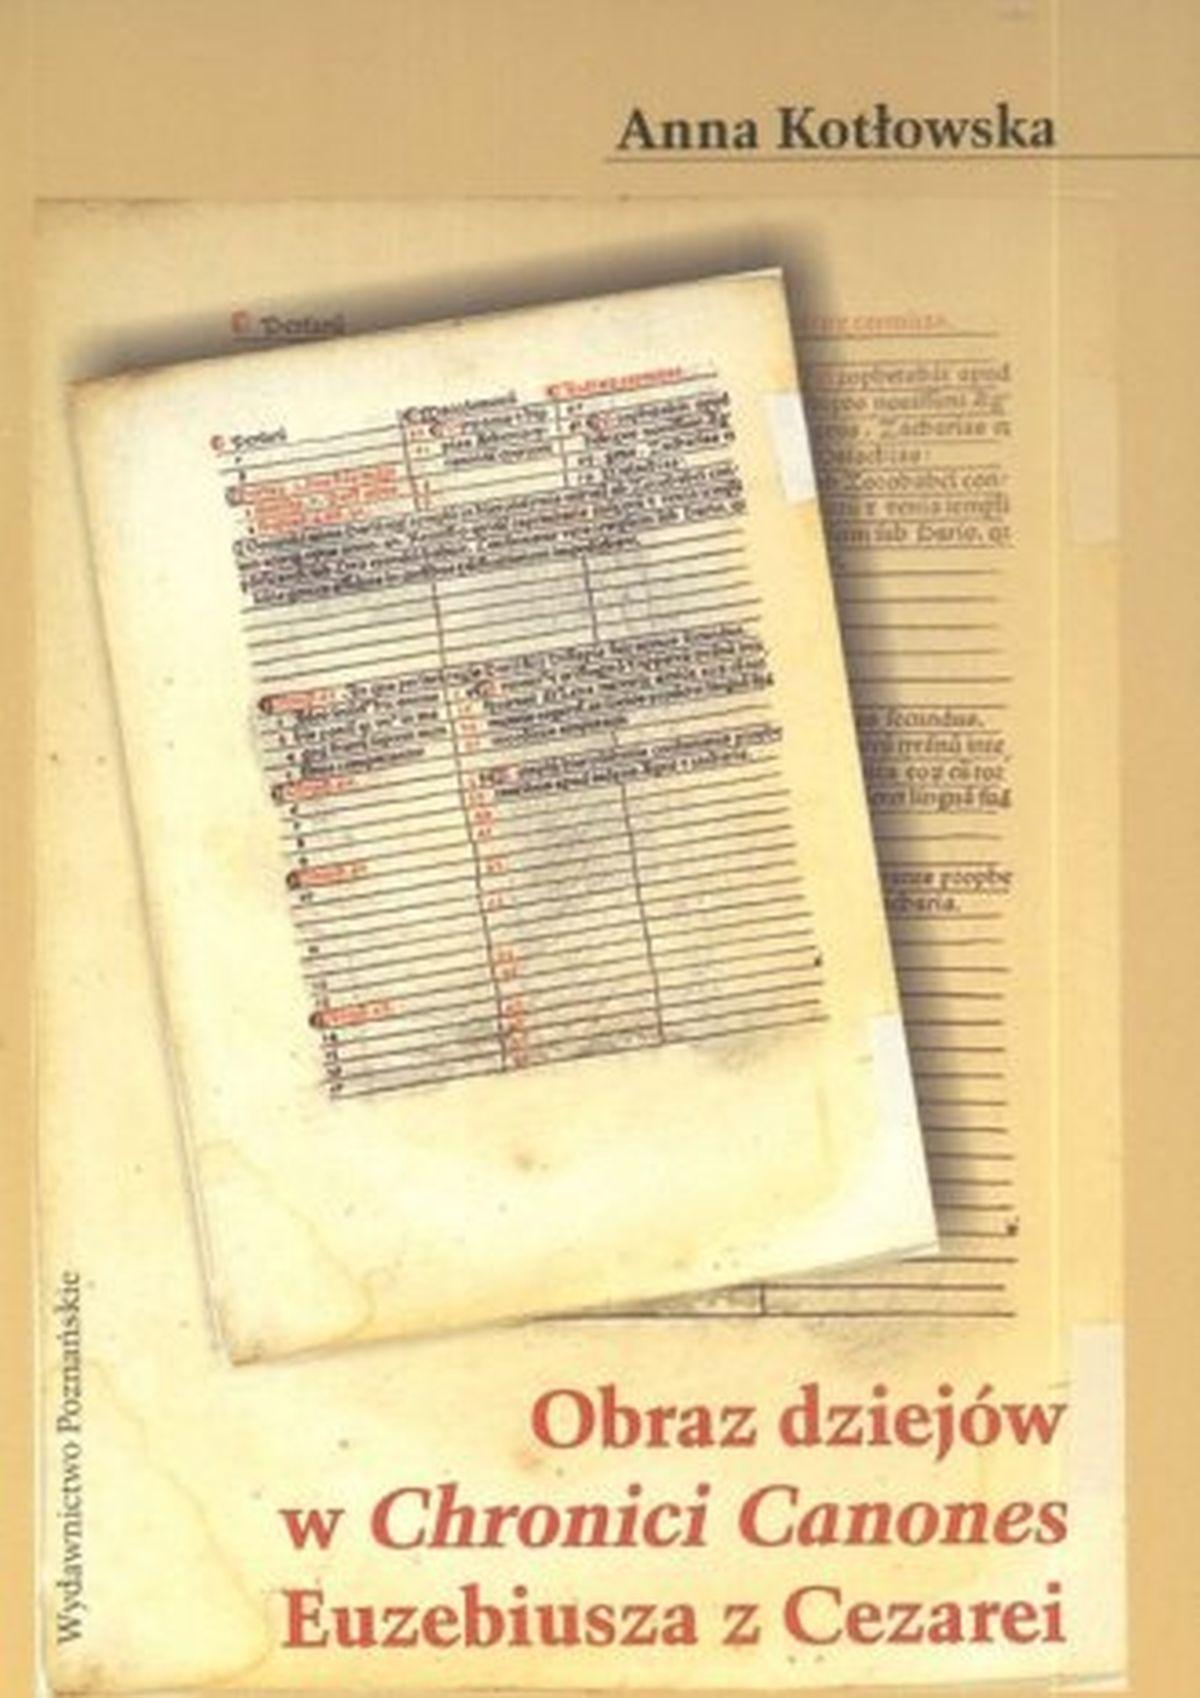 Obraz dziejów w Chronici Canones Euzebiusza z Cezarei